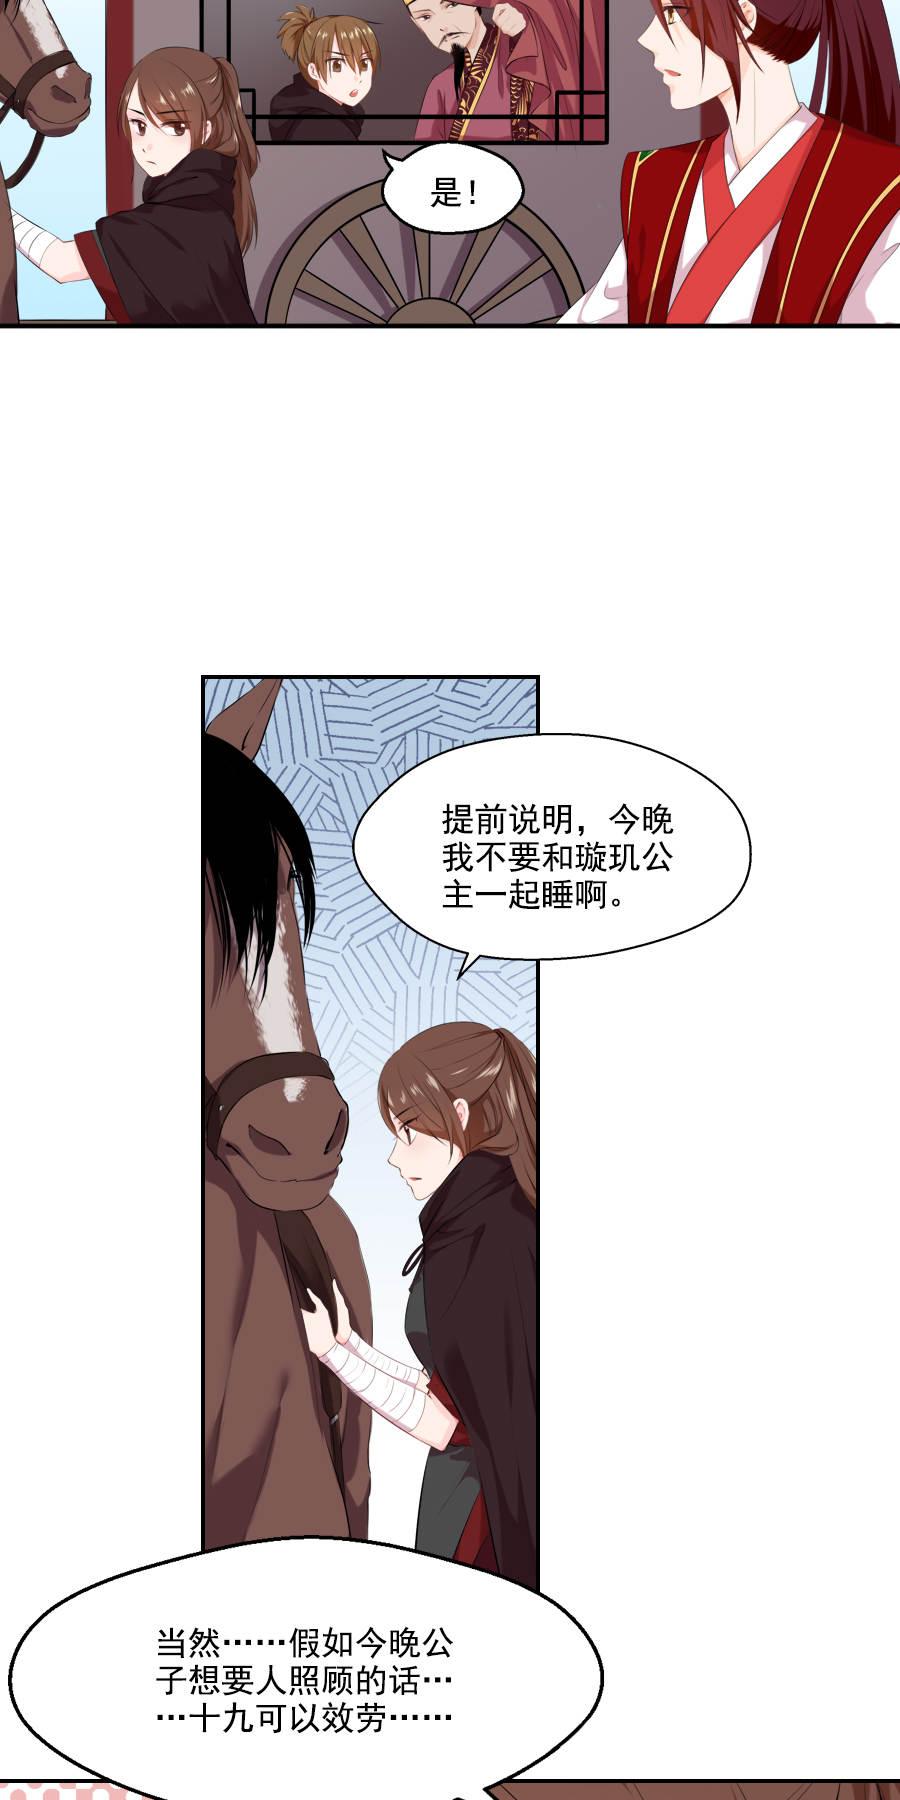 盛世帝王妃第27话  吃蟹蟹  + 时尚教主活动 第 10